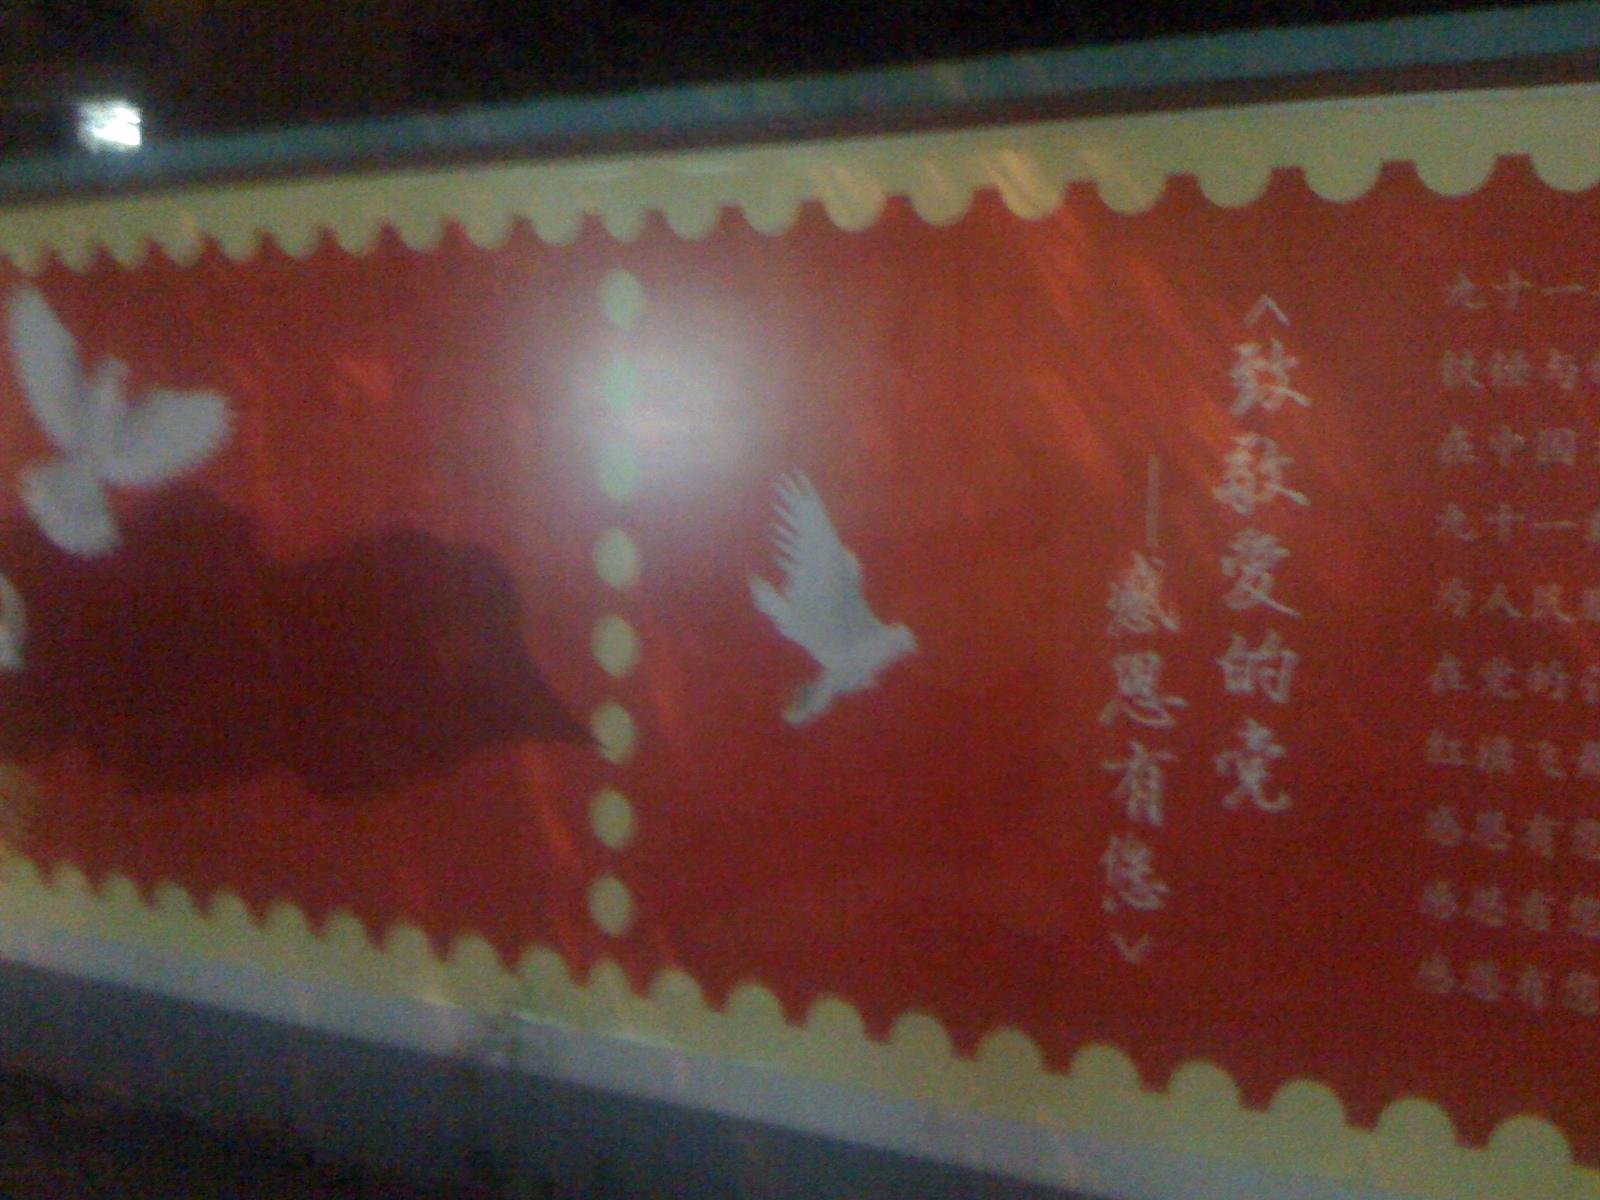 chiny, partia komunistyczna w Chinach, komunizm w Chinach, Martyna Skura